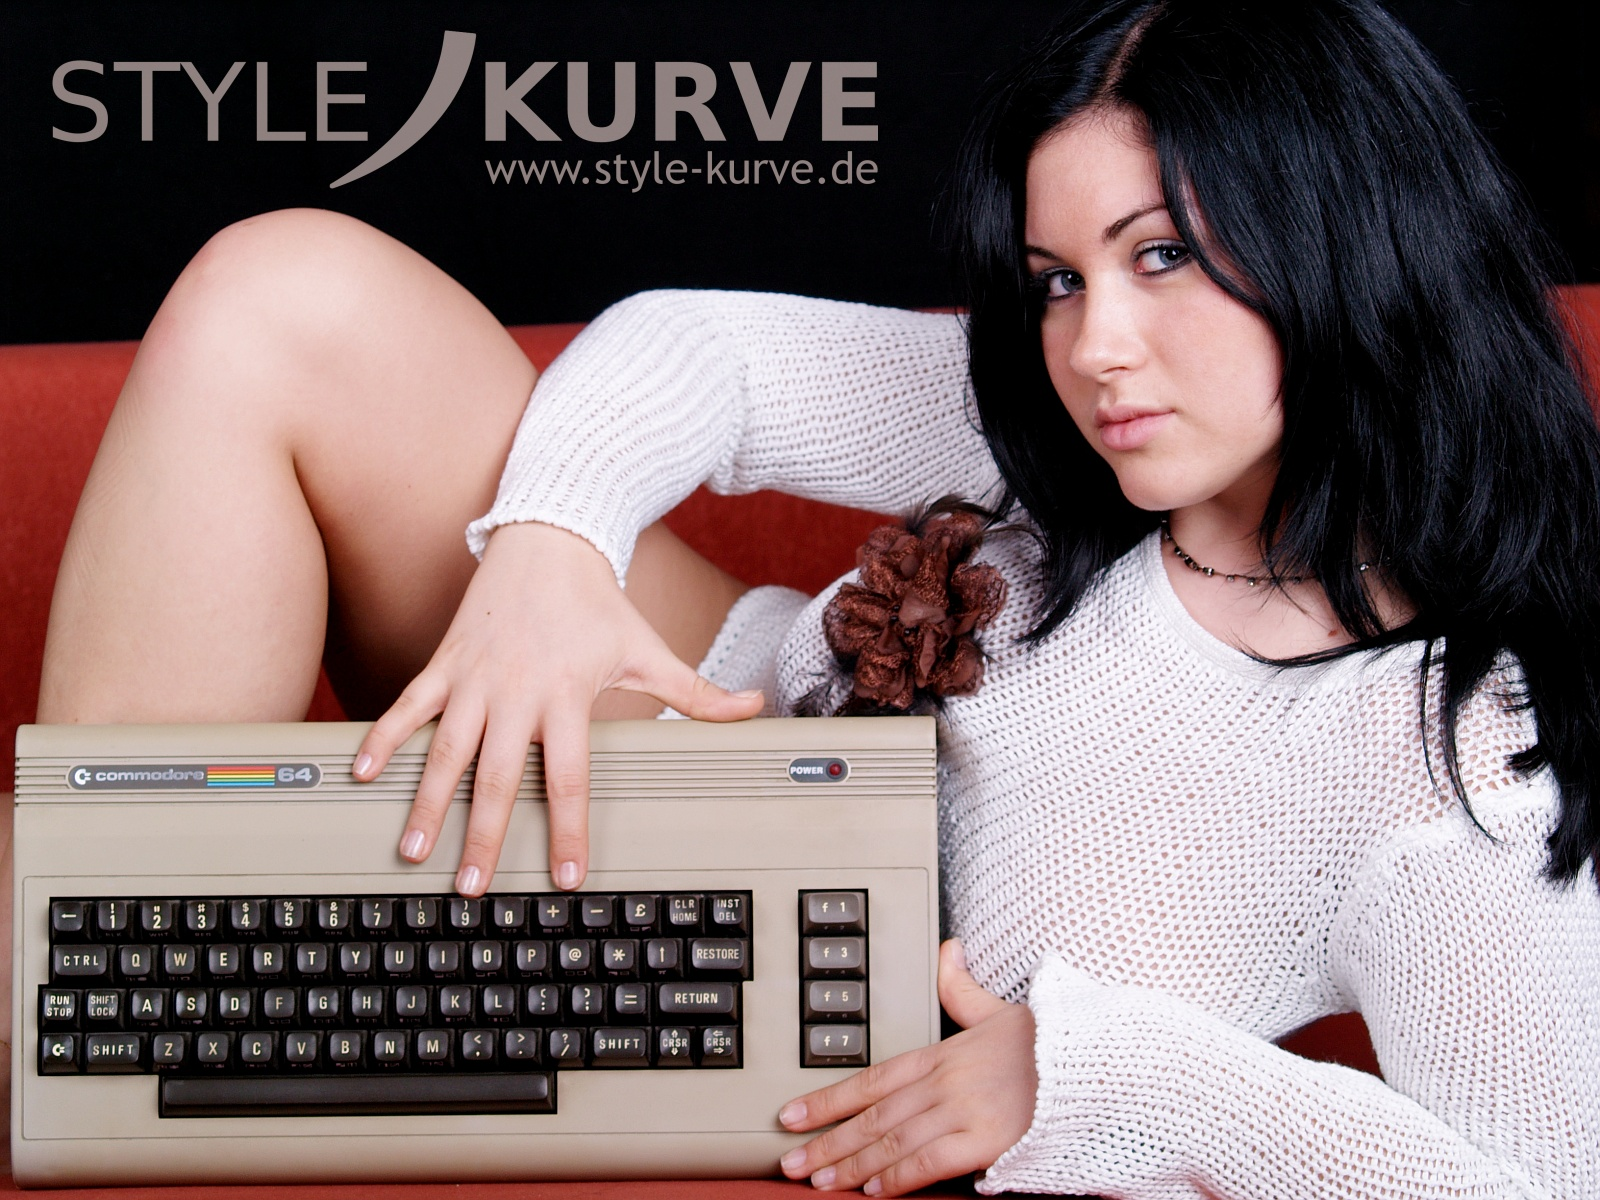 Интересно, у нее PAL или NTSC ?